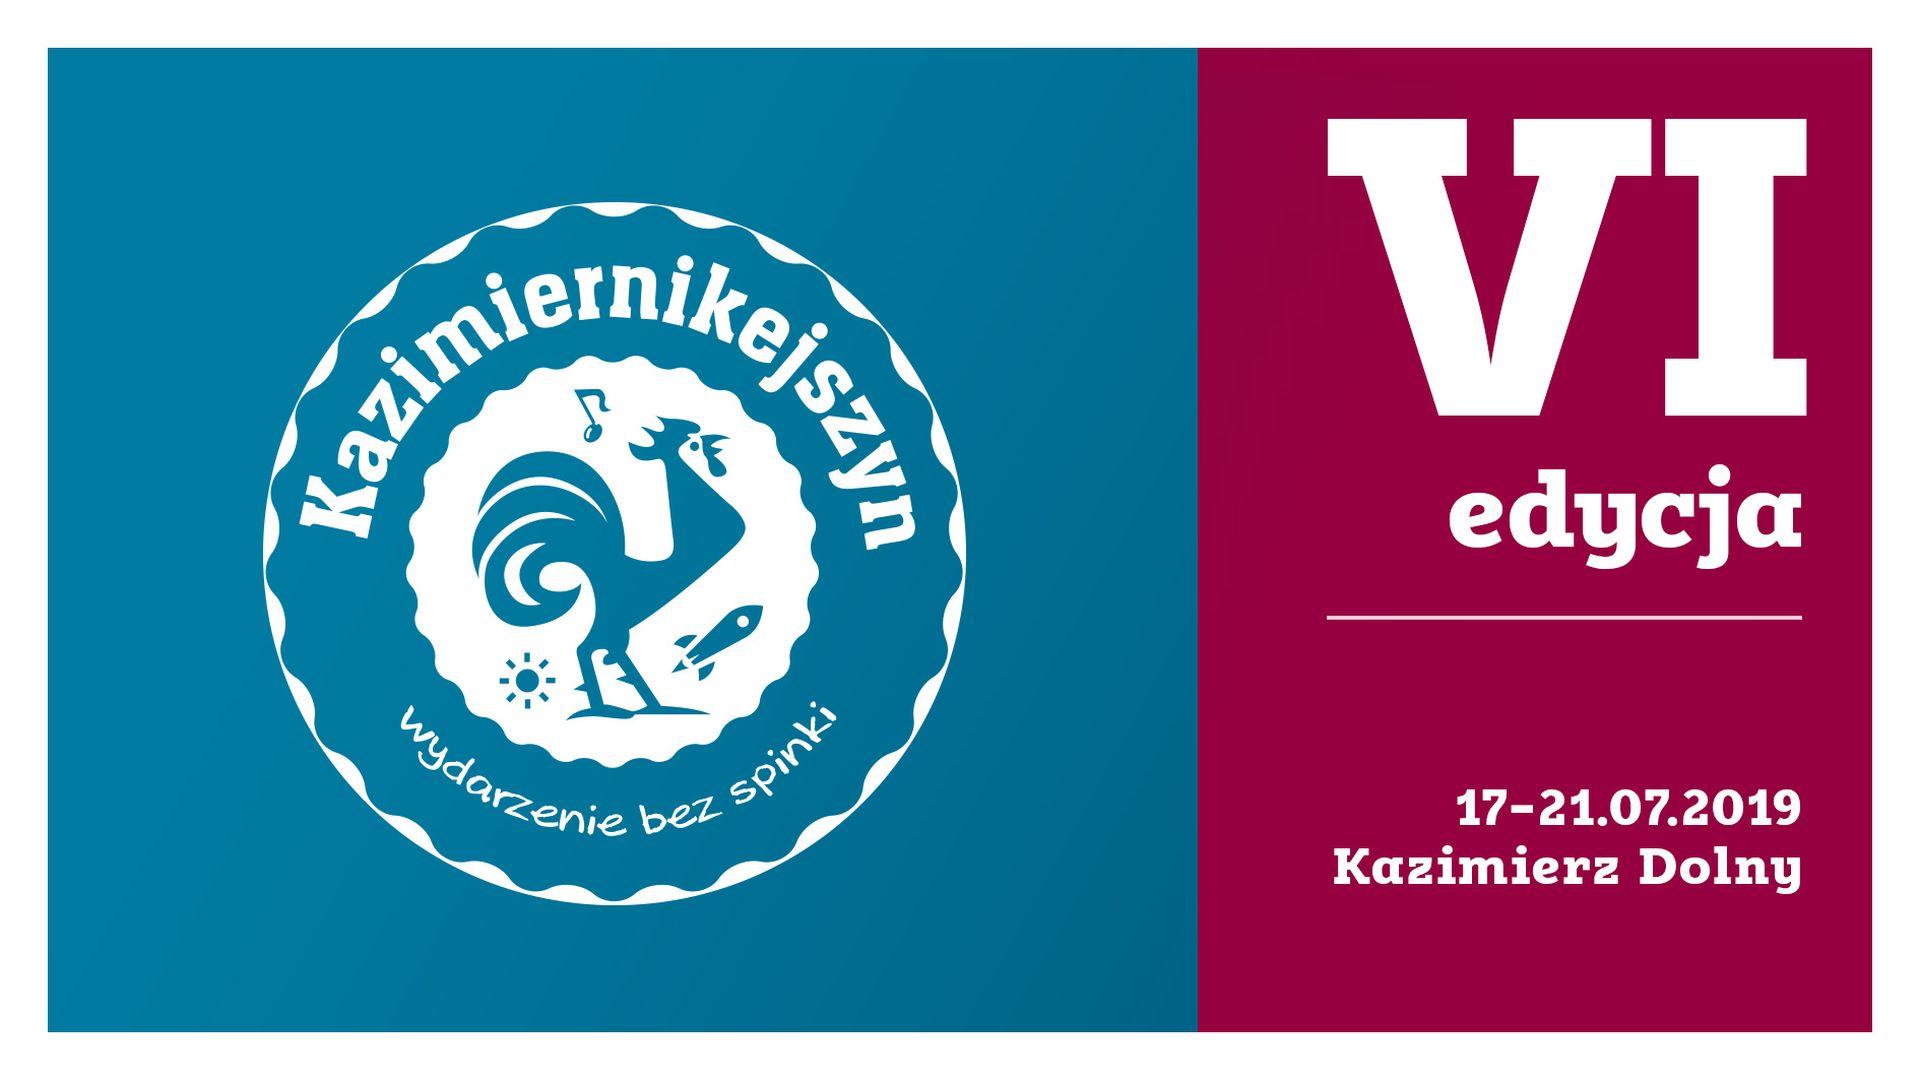 Bilety kolekcjonerskie - Kazimiernikejszyn 2019, VI edycja